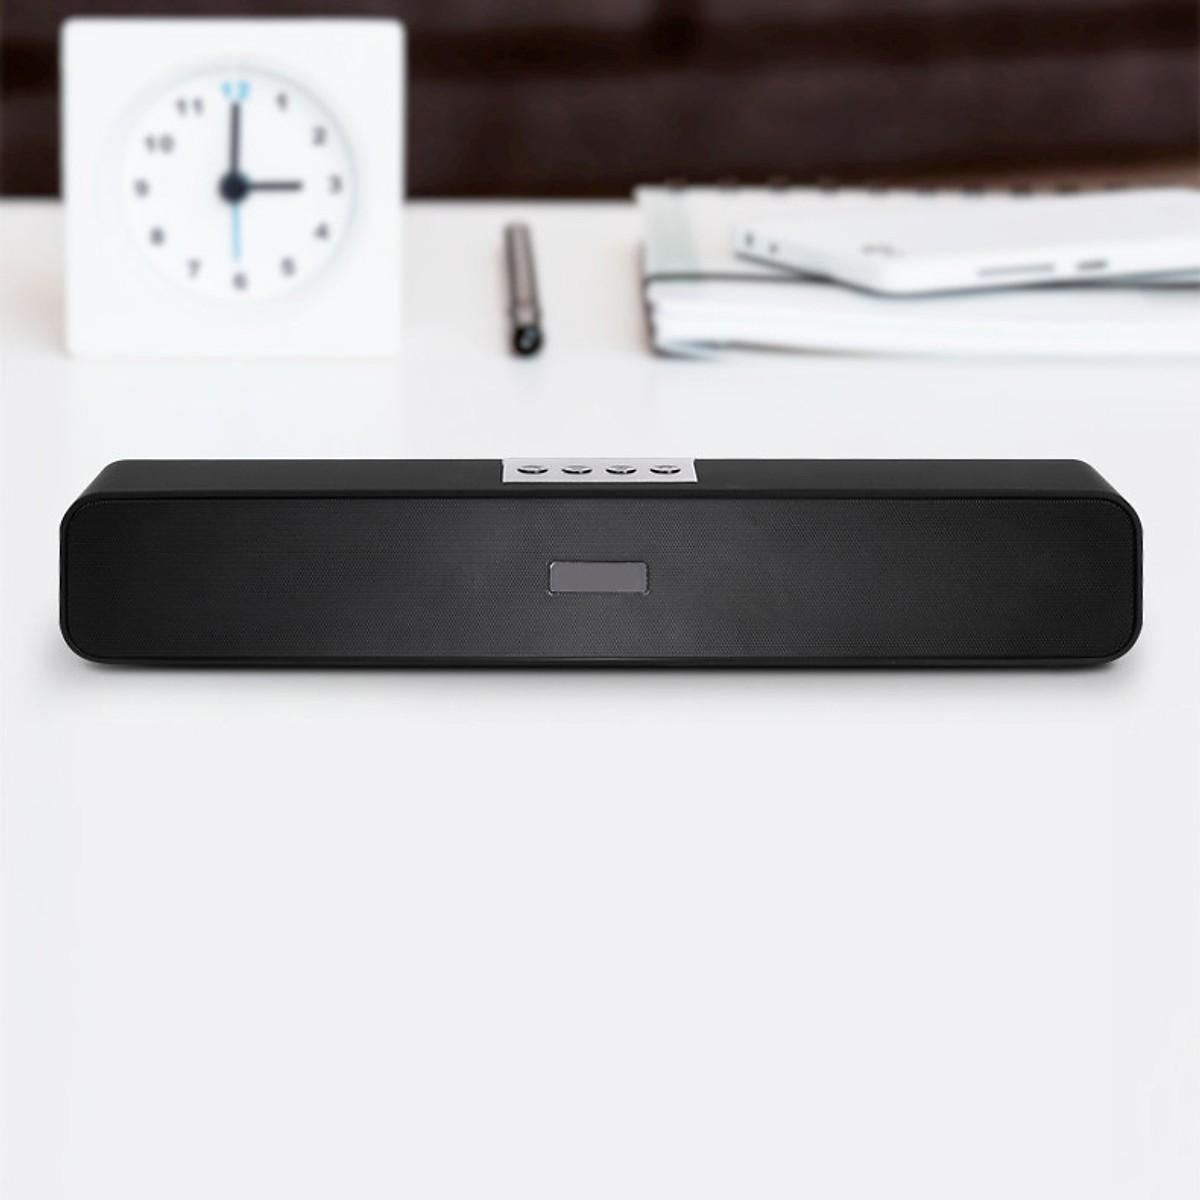 Loa Thanh Soundbar 2.2 Bluetooth Music-F E91 10W, Pin Dung Lượng Lớn, Âm Thanh Sống Động, Hỗ Trợ Thẻ Nhớ,USB, Jack 3.5